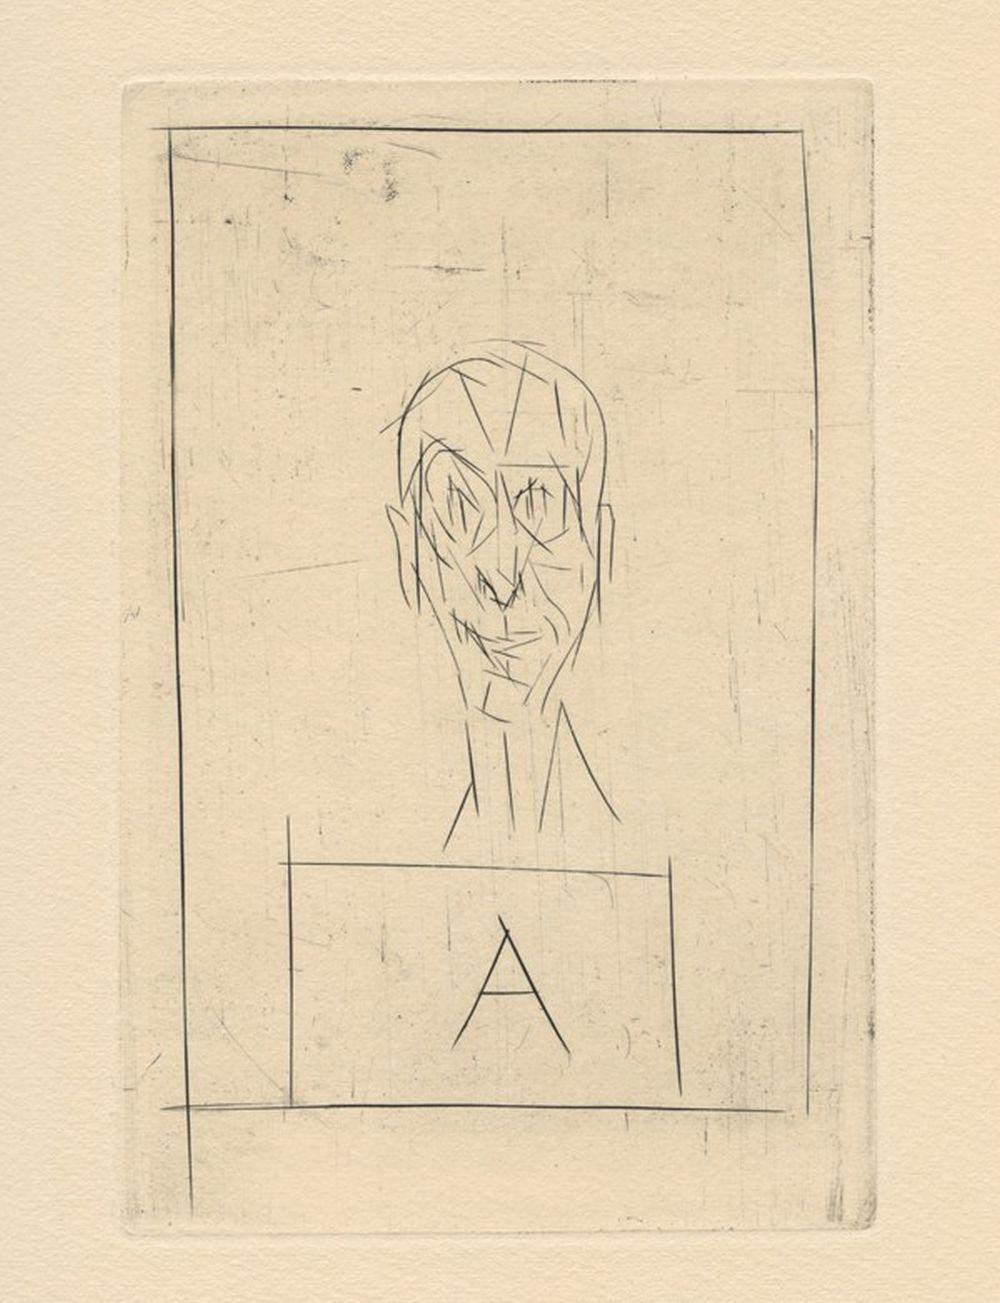 Alberto Giacometti - Histoire de rats II